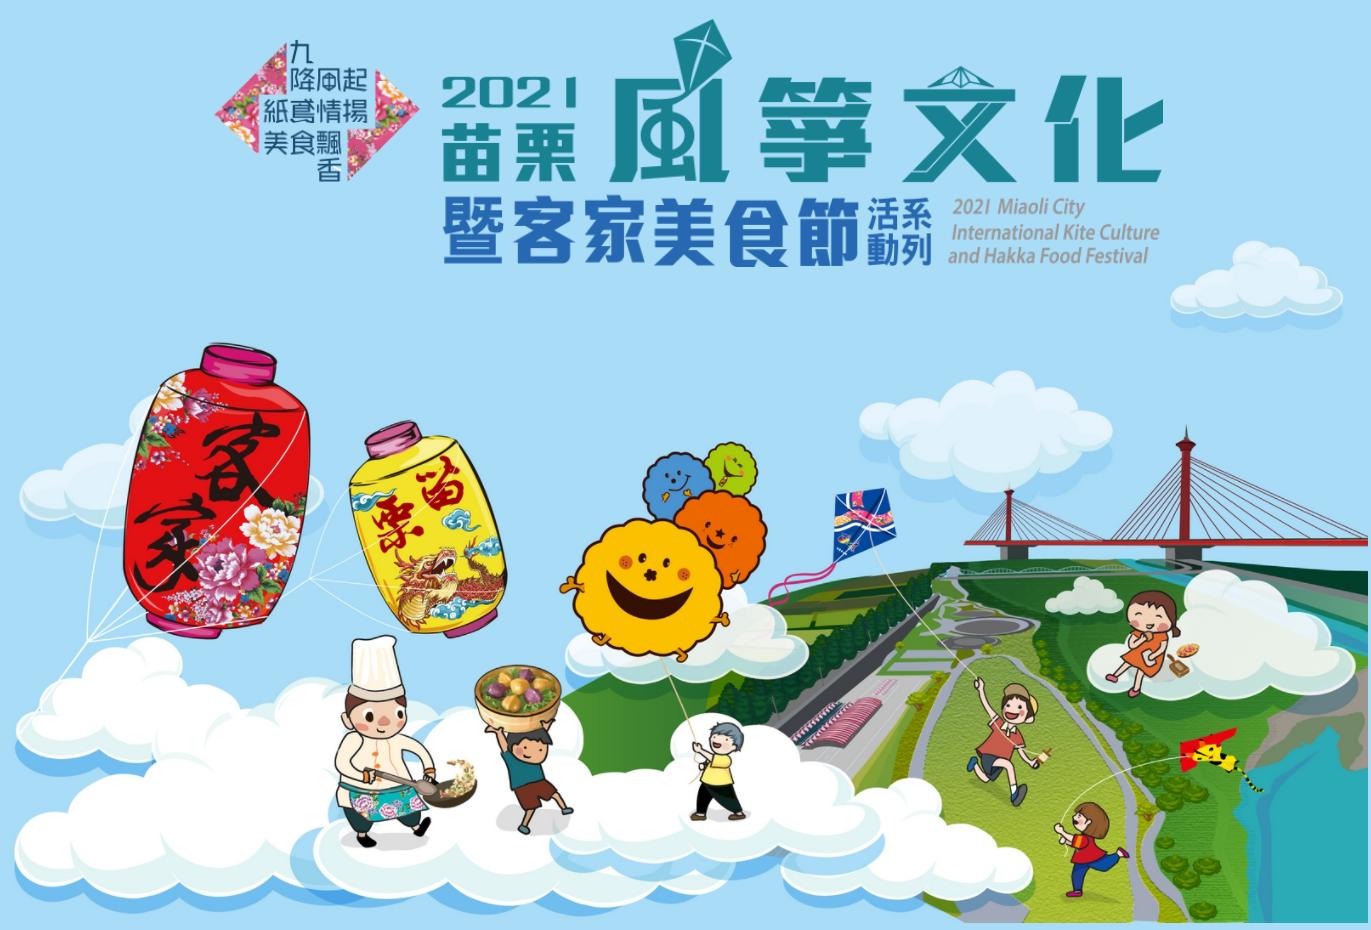 2021「九降風起 紙鳶情揚 美食飄香」風箏文化暨客家美食節系列活動